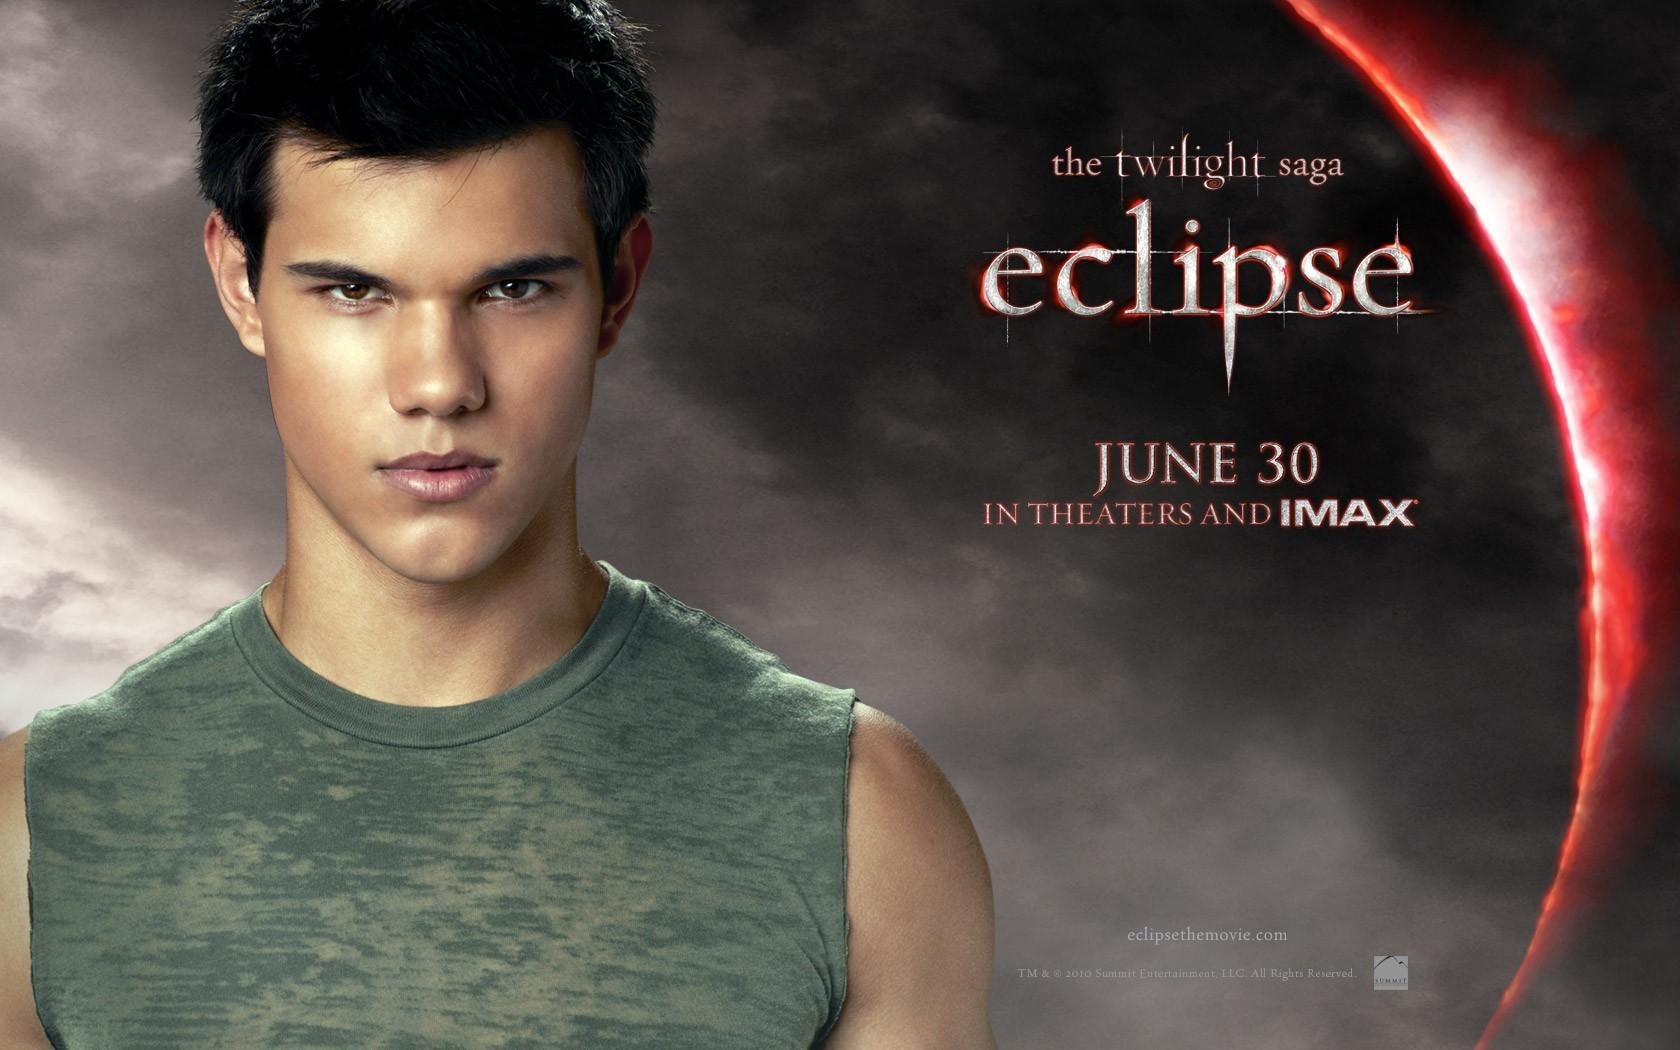 Il wallpaper ufficiale di Jacob (Taylor Lautner) di The Twilight Saga: Eclipse